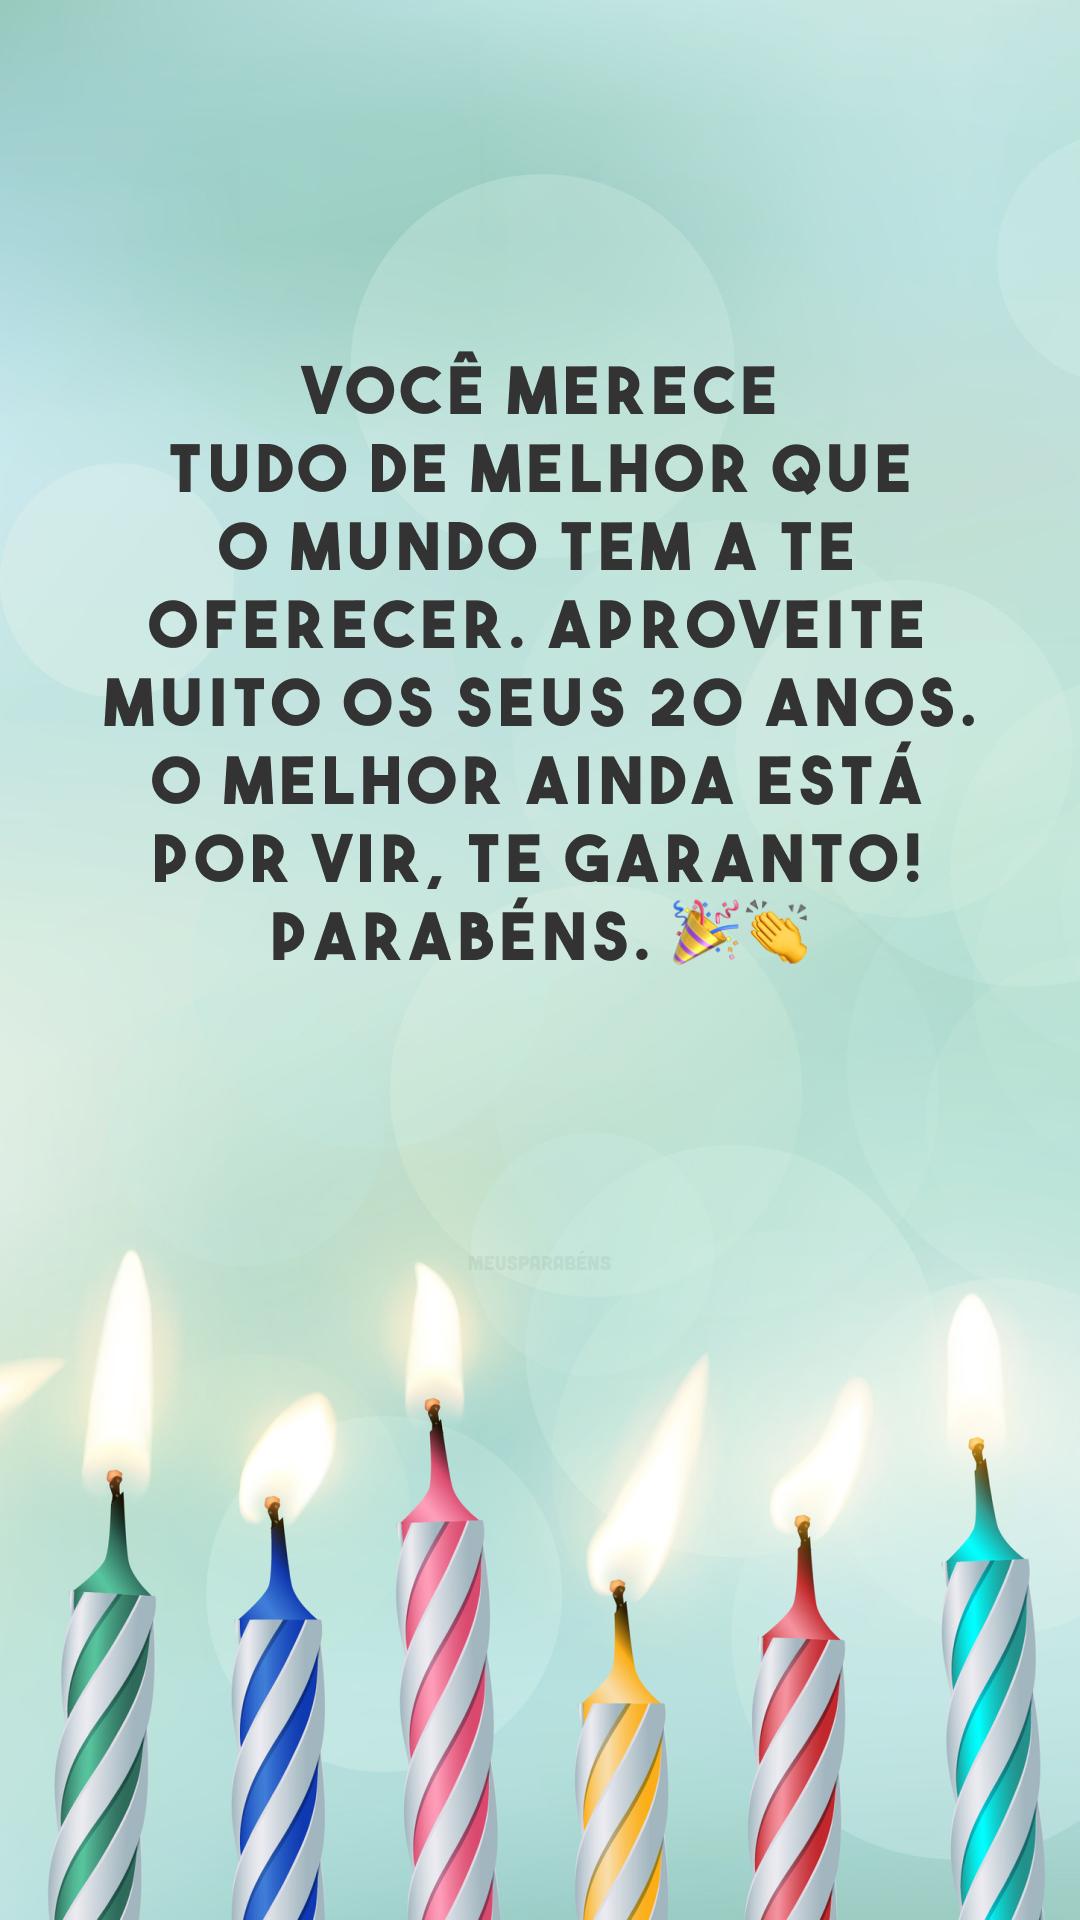 Você merece tudo de melhor que o mundo tem a te oferecer. Aproveite muito os seus 20 anos. O melhor ainda está por vir, te garanto! Parabéns. 🎉👏